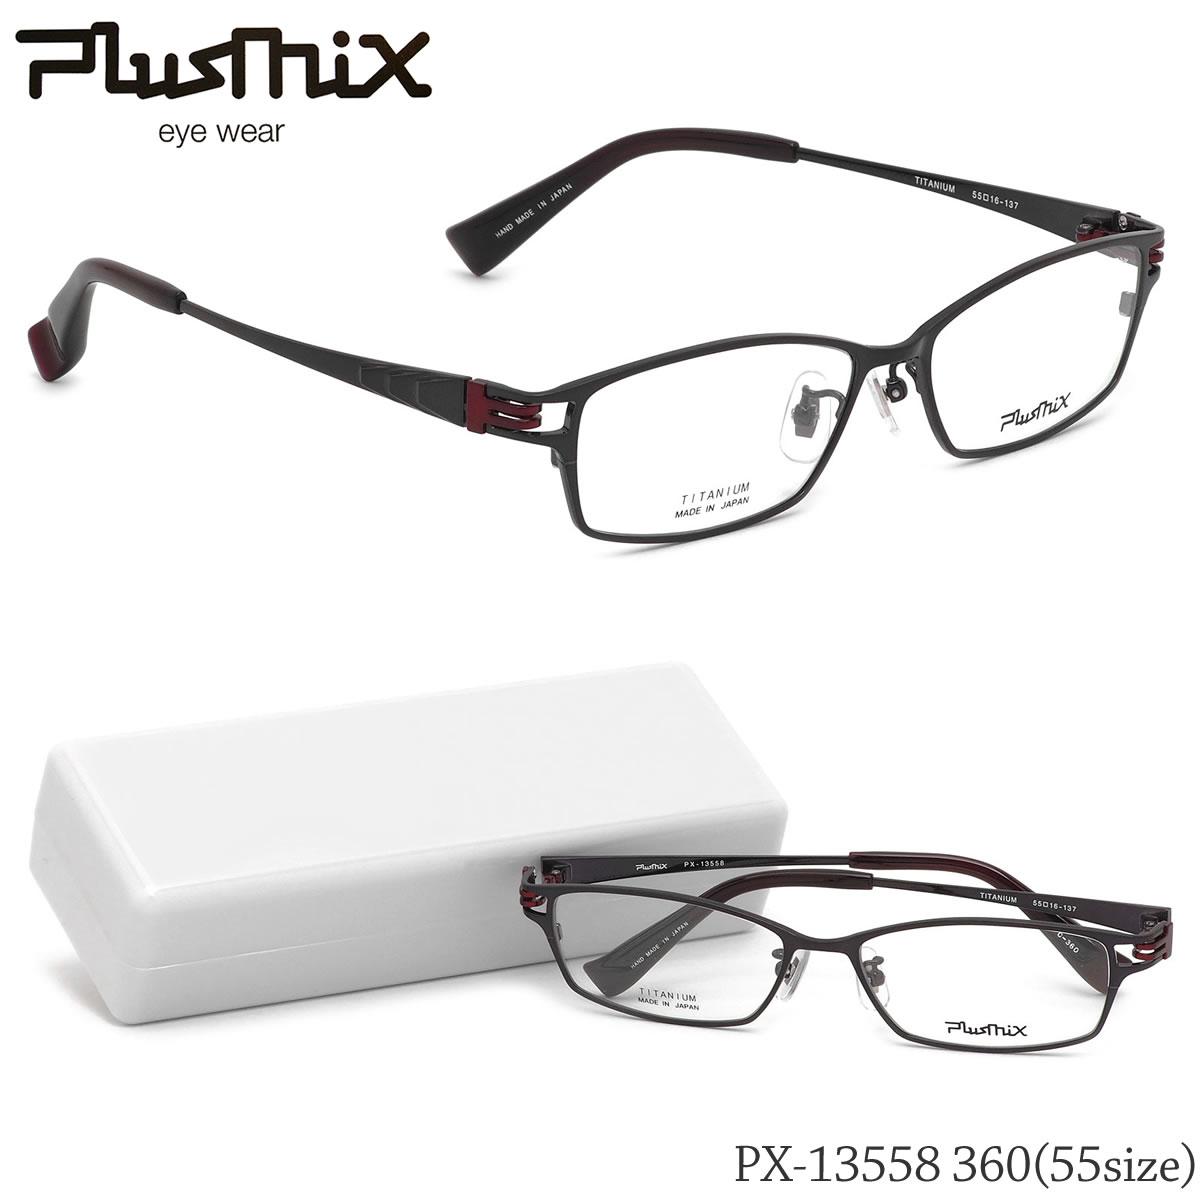 プラスミックス PlusMix メガネPX-13558 360 55サイズPX13558 日本製 Titan チタン Titanium MADE IN JAPAN スクエア シャープ シック スマート メタルプラスミックス PlusMix 伊達メガネレンズ無料 メンズ レディース